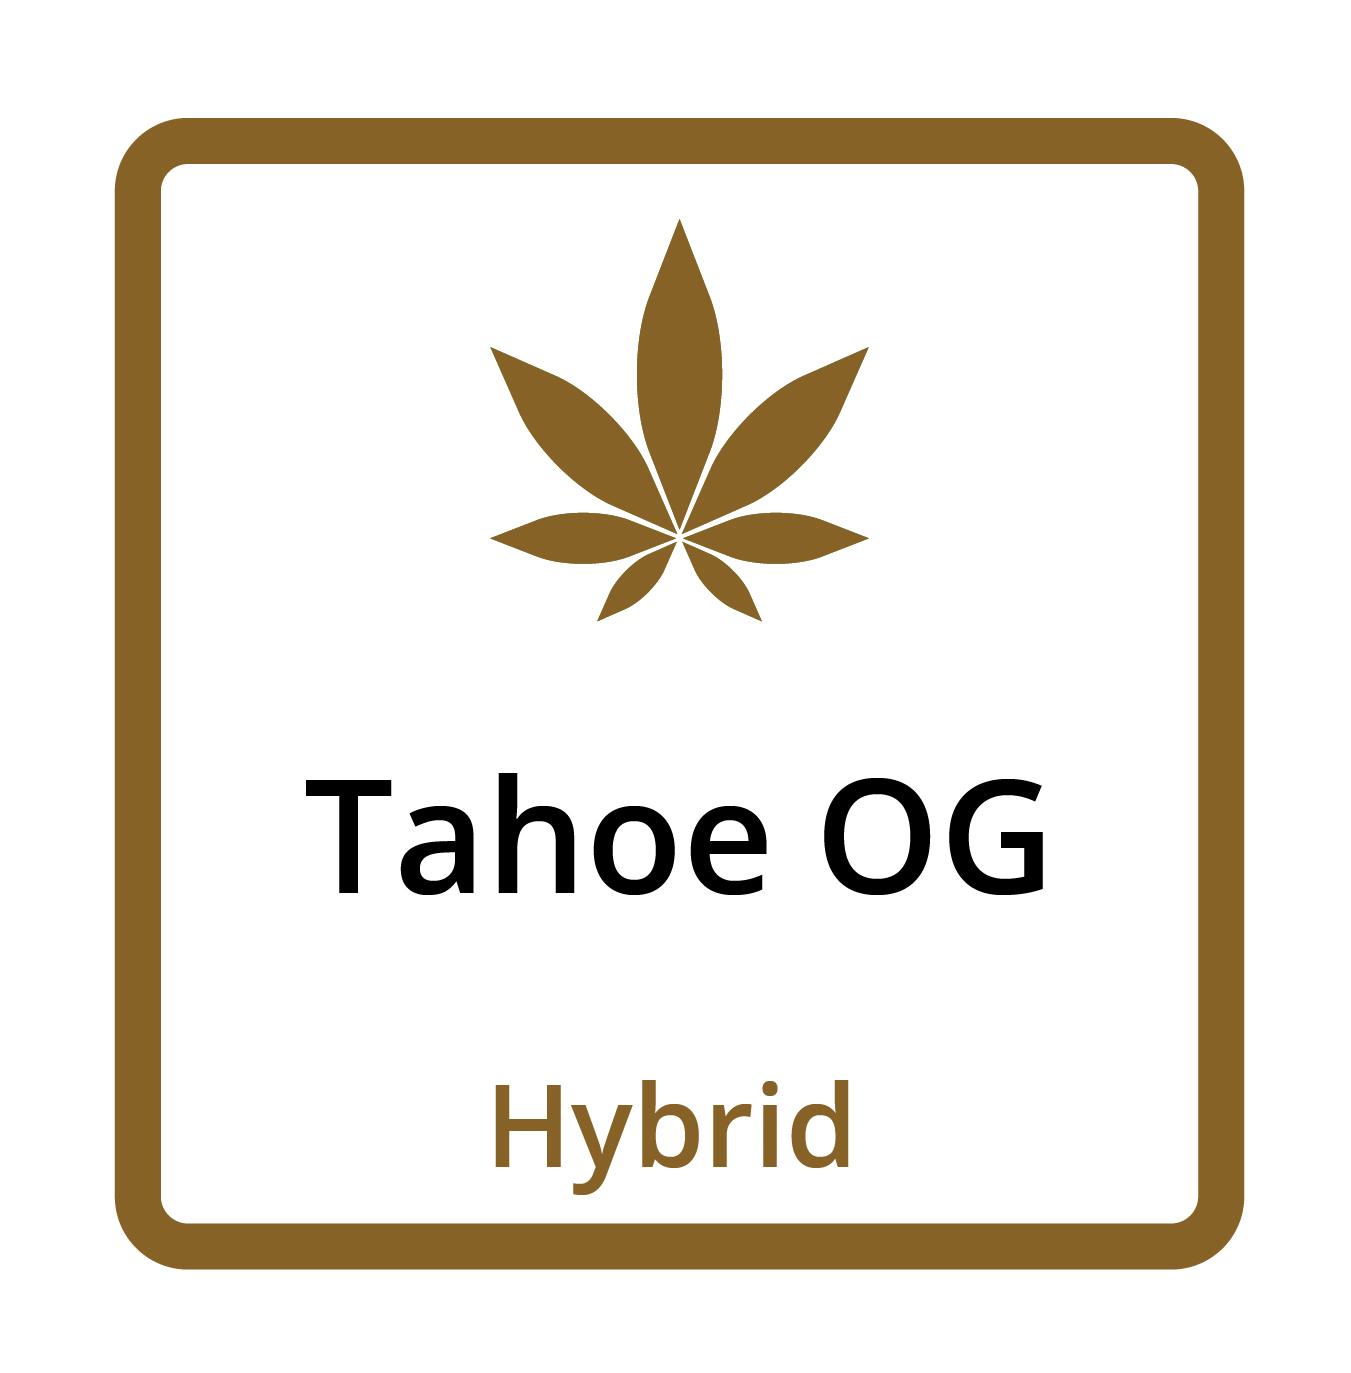 Tahoe OG (Hybrid)